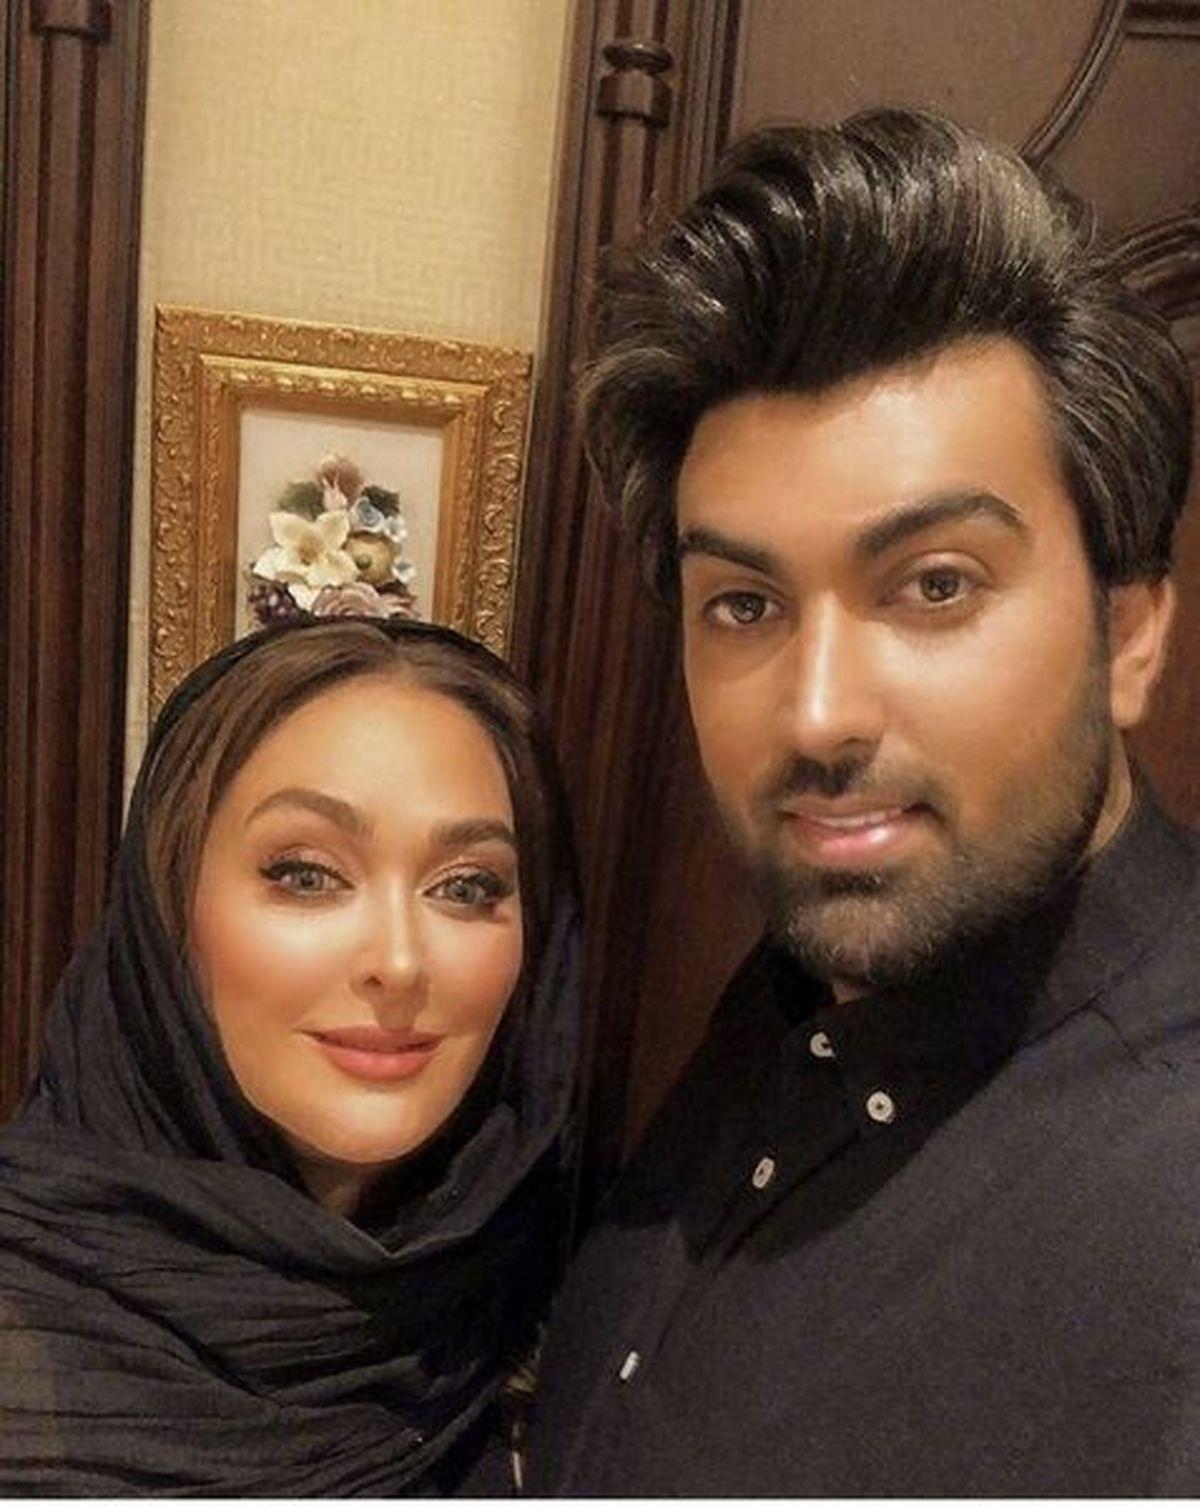 حرکات موزون همسر الهام حمیدی جنجال به پاکرد + فیلم